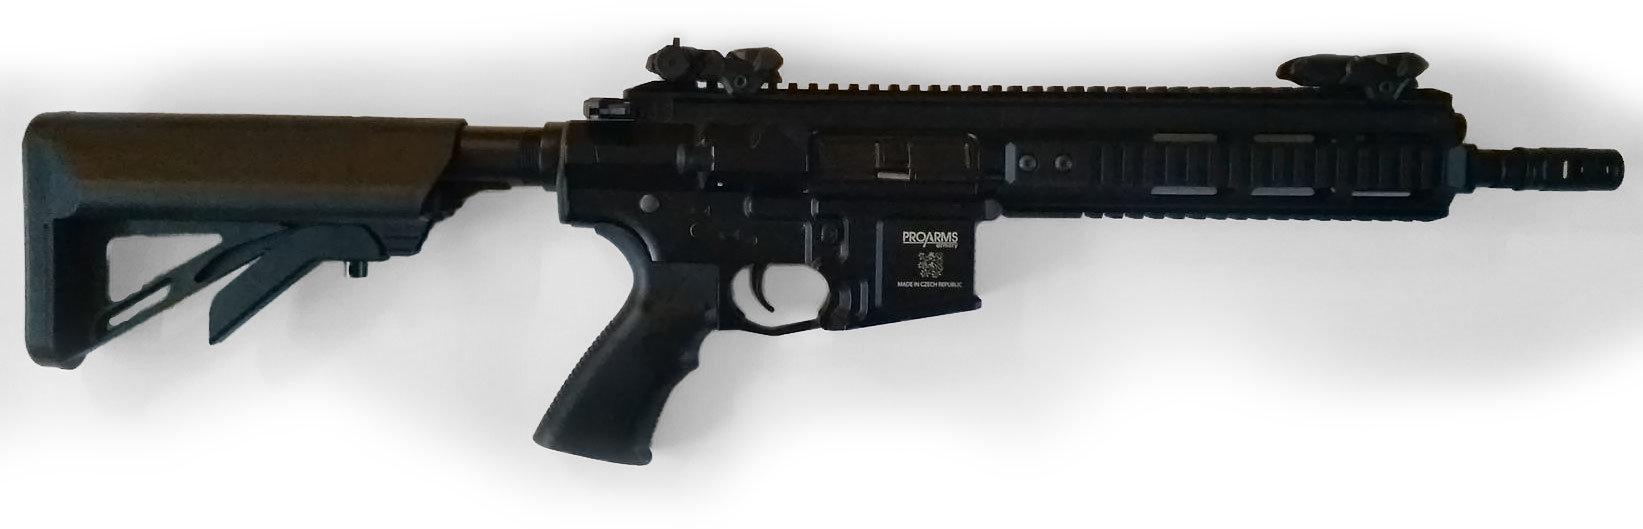 ICS PAR Mk3 Side